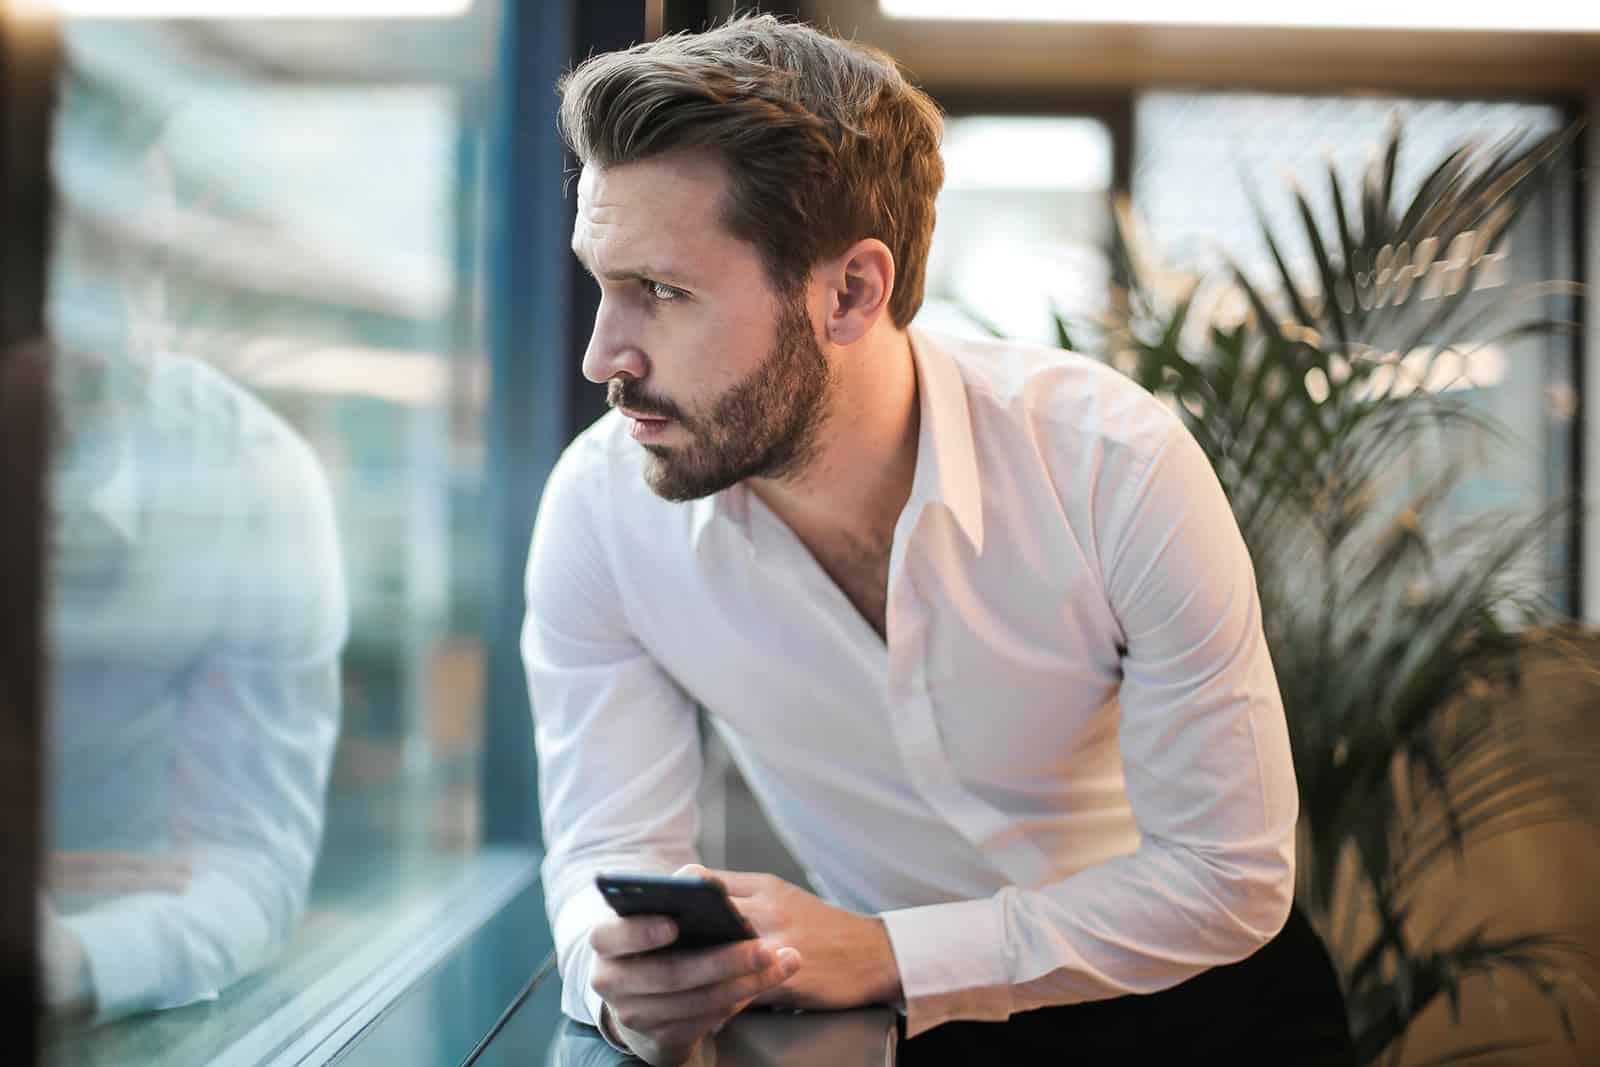 ein nachdenklicher Mann, der ein Smartphone hält und durch das Fenster schaut